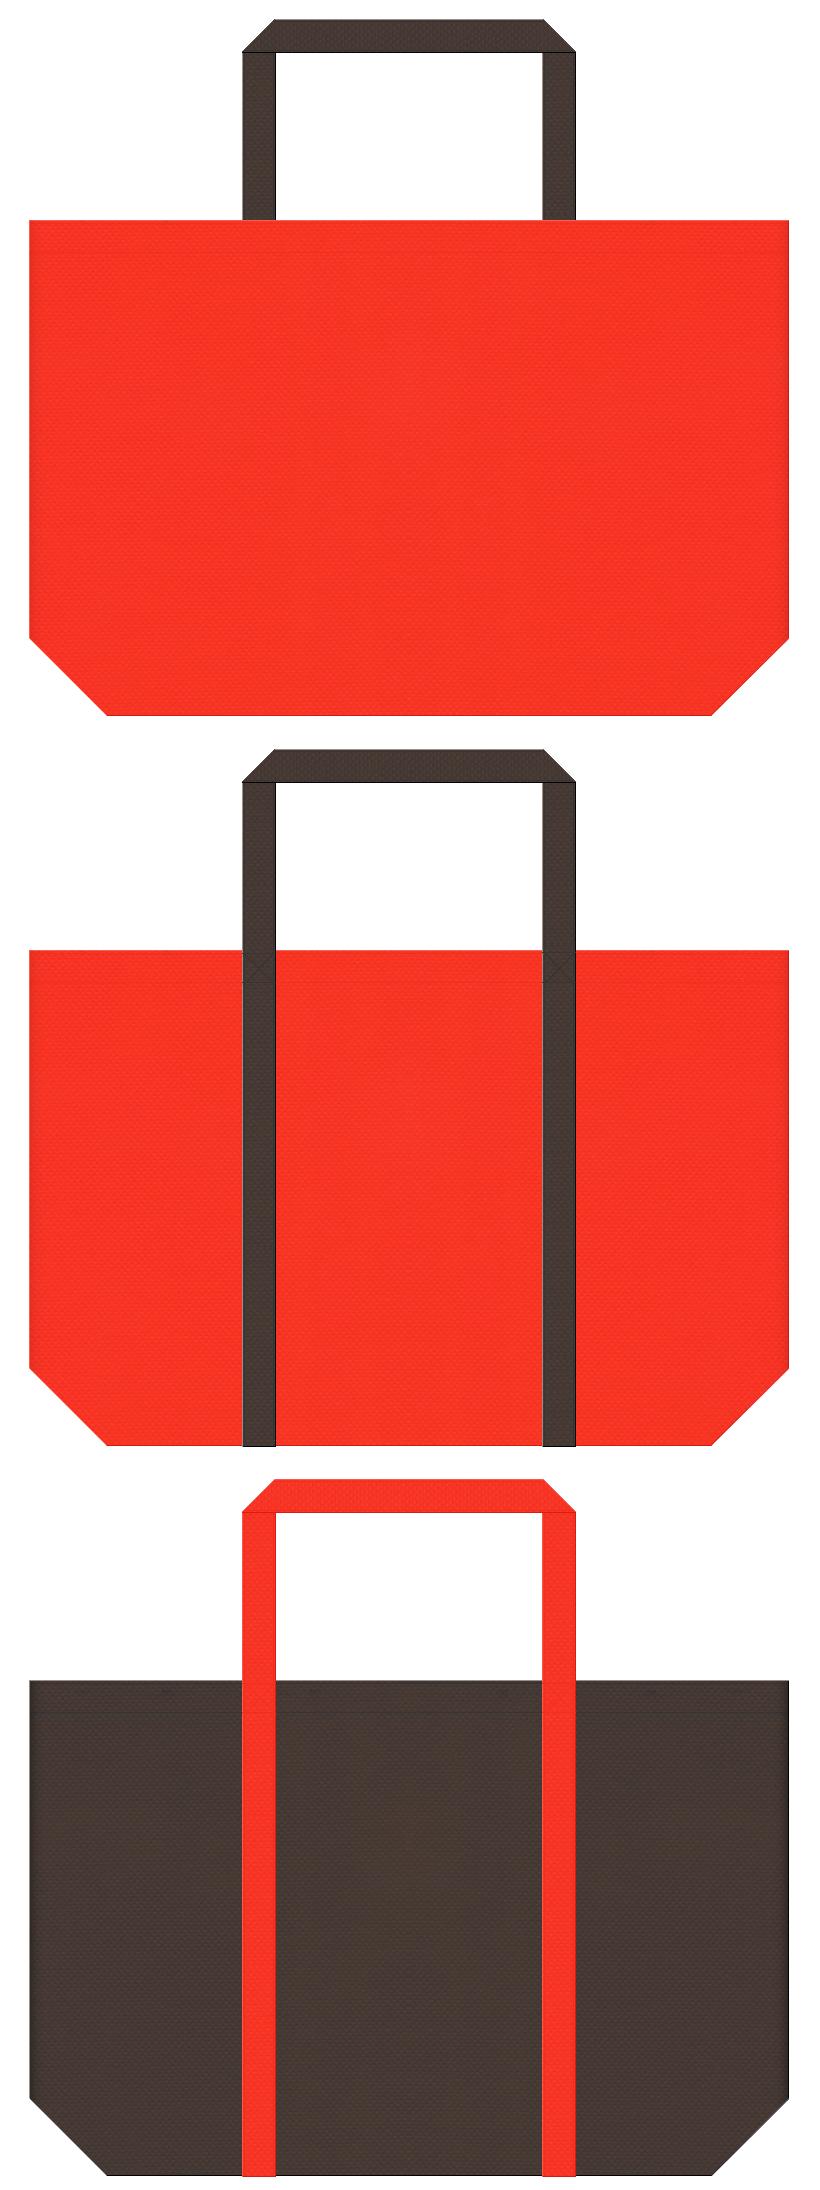 夕焼け・南国リゾート・紅茶・ハロウィン・チョコレート・お菓子・スイーツの販促ツール・ノベルティにお奨めの不織布バッグデザイン:オレンジ色とこげ茶色のコーデ